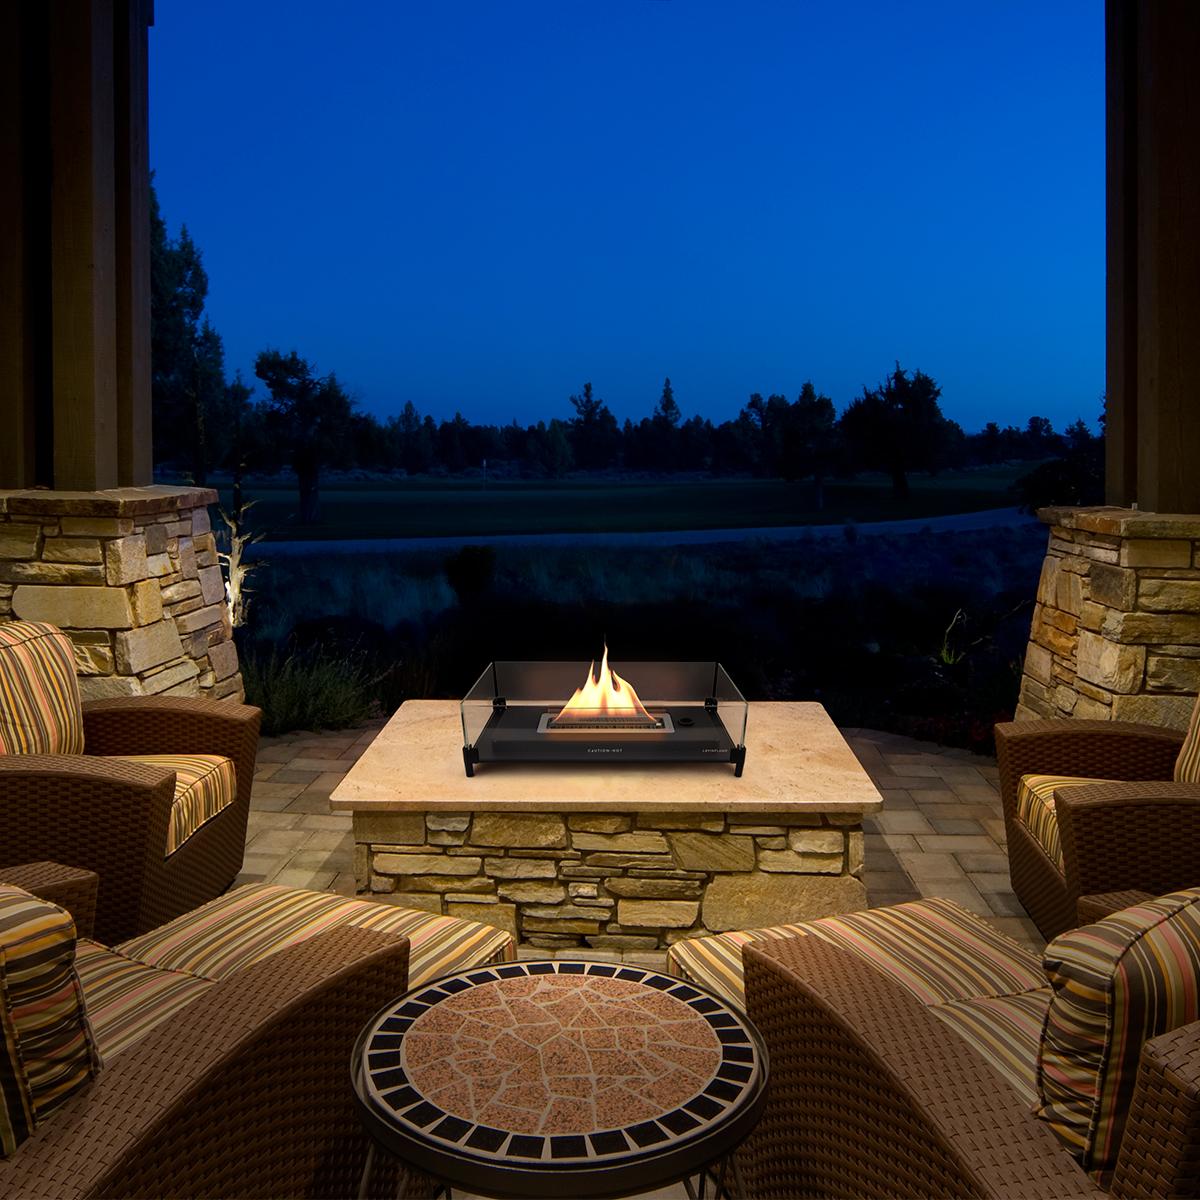 木製やガラスのテーブルを傷める心配ない。ベランダやテラスといった、屋外での焚き火もオススメ。テーブルに置ける「焚き火」|LOVINFLAME